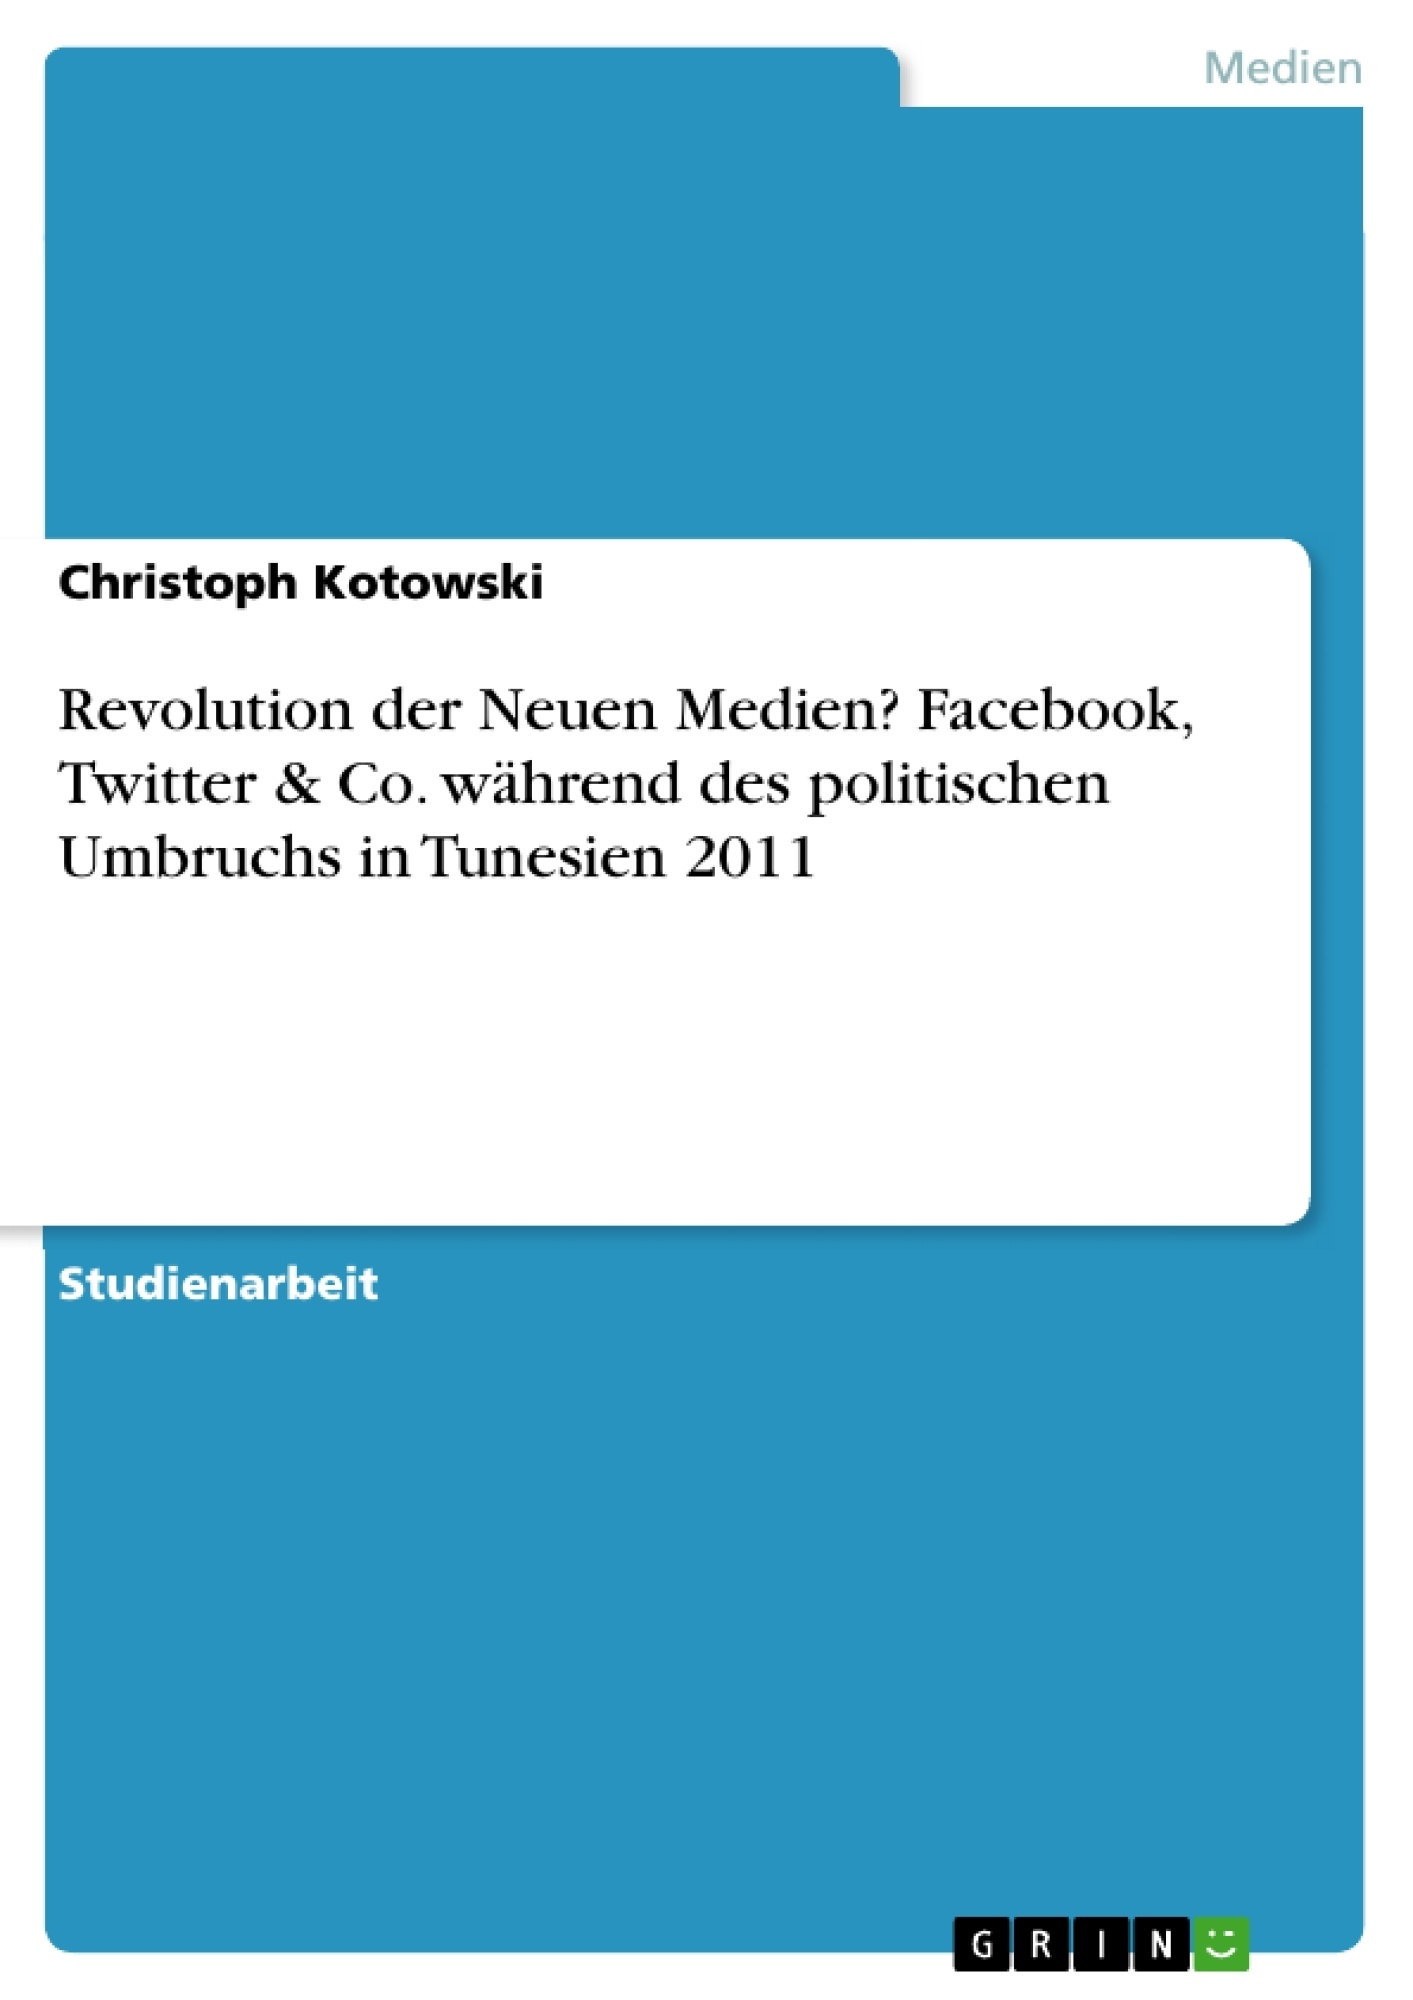 Titel: Revolution der Neuen Medien? Facebook, Twitter & Co. während des politischen Umbruchs in Tunesien 2011